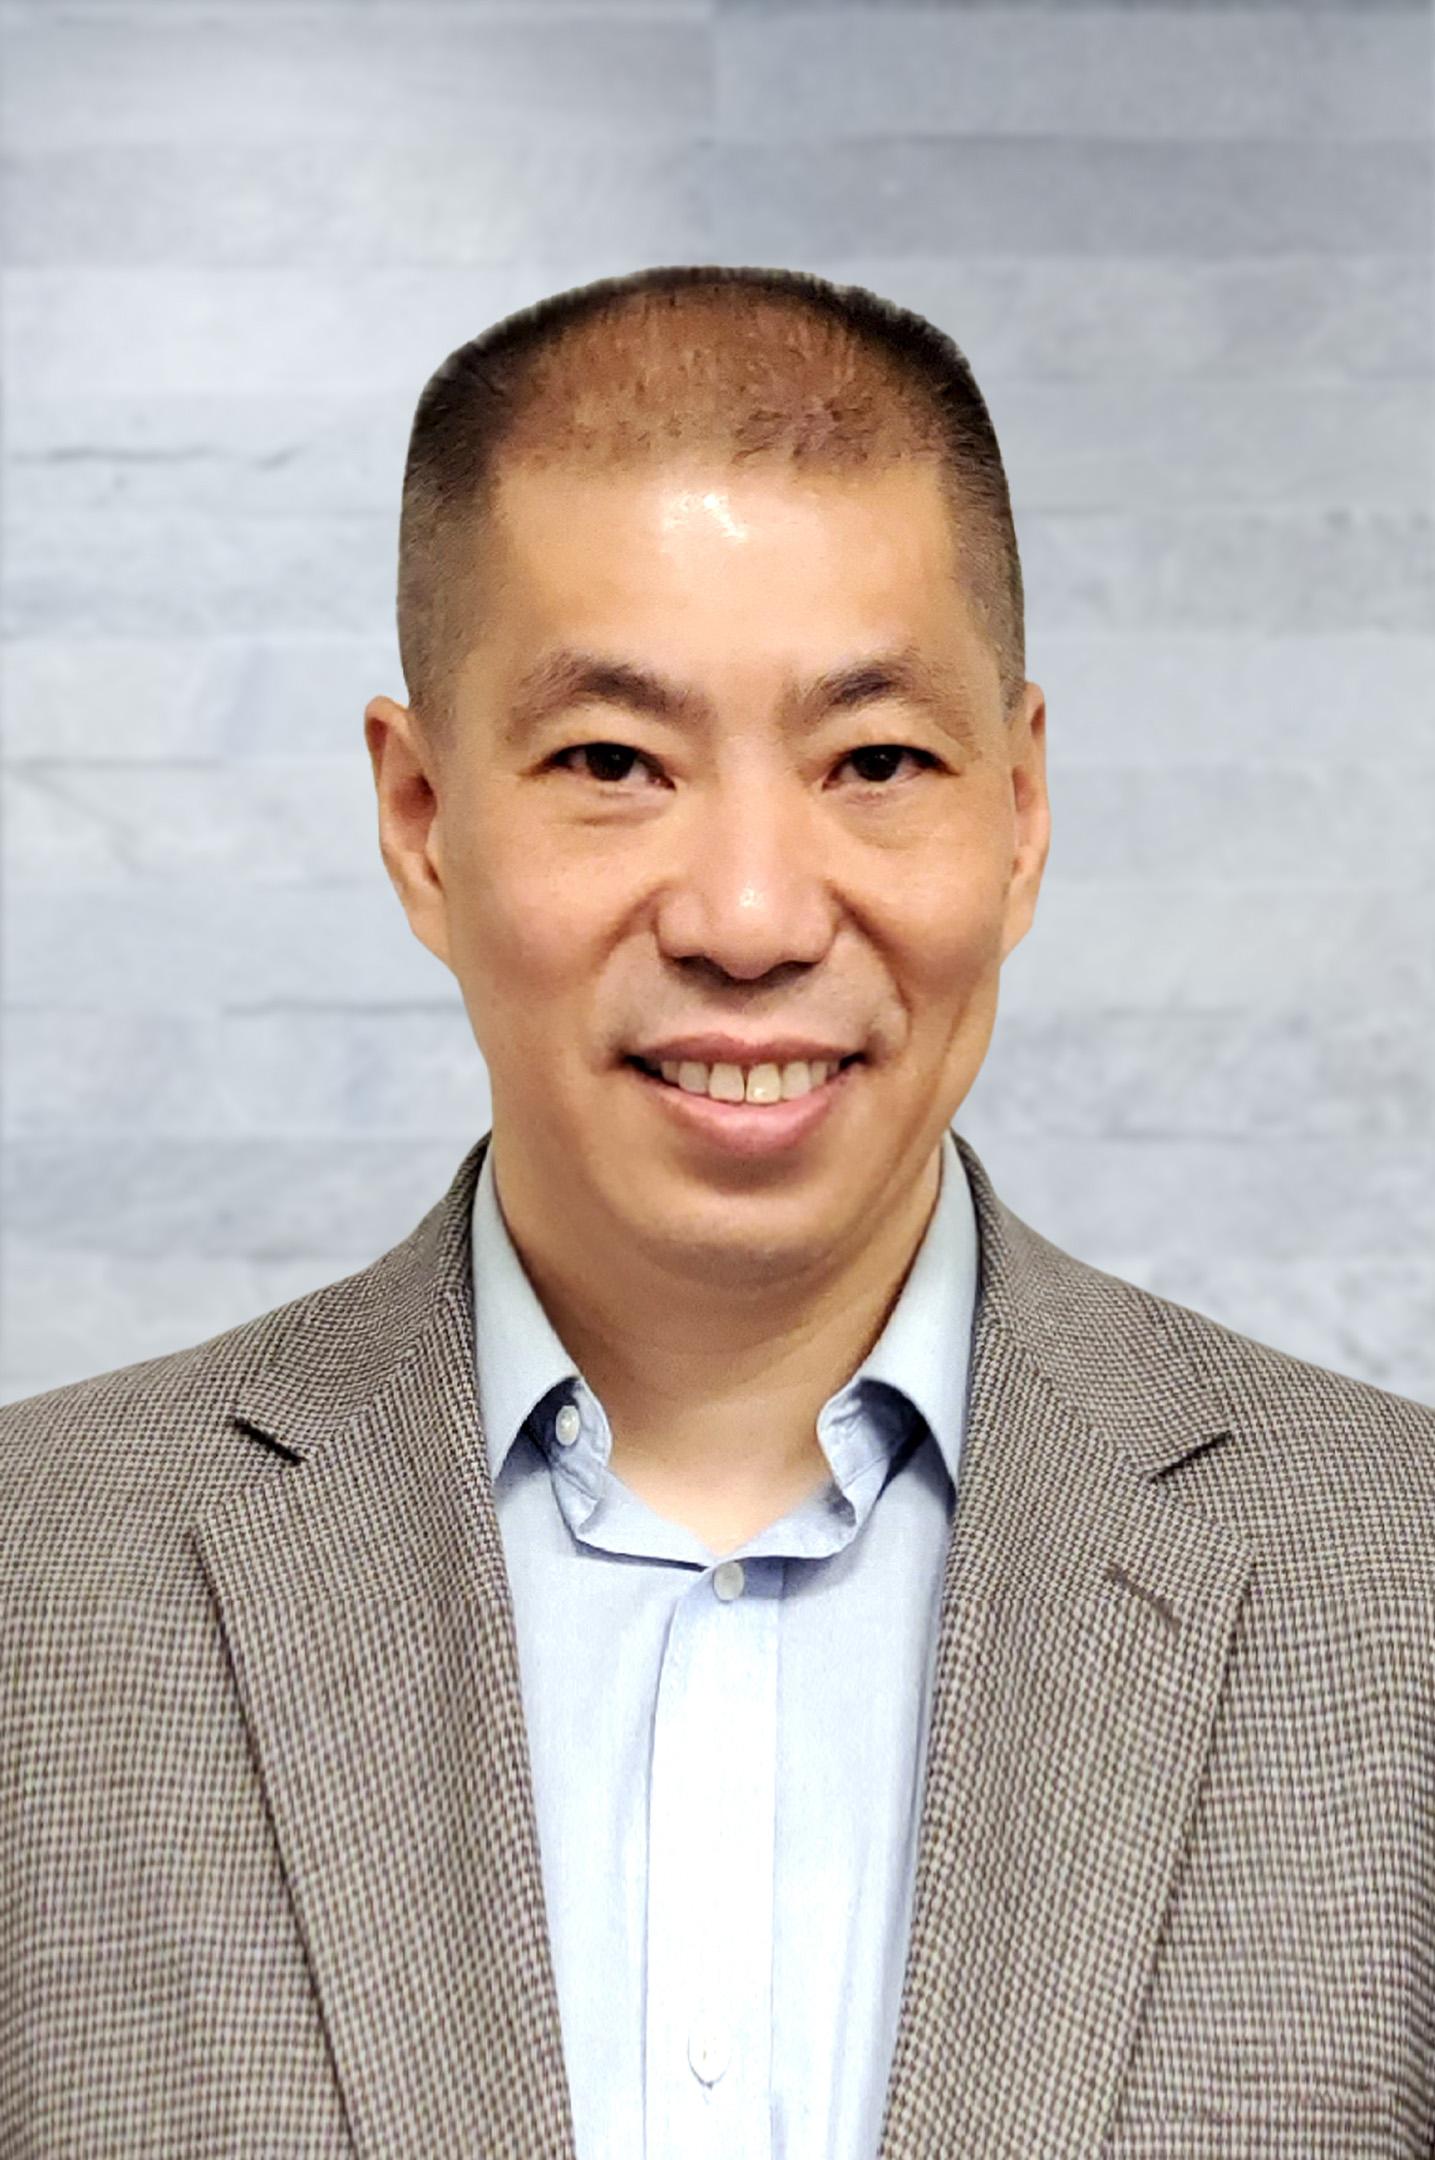 Chief Technology Officer - Sam Pang- Sam Pang